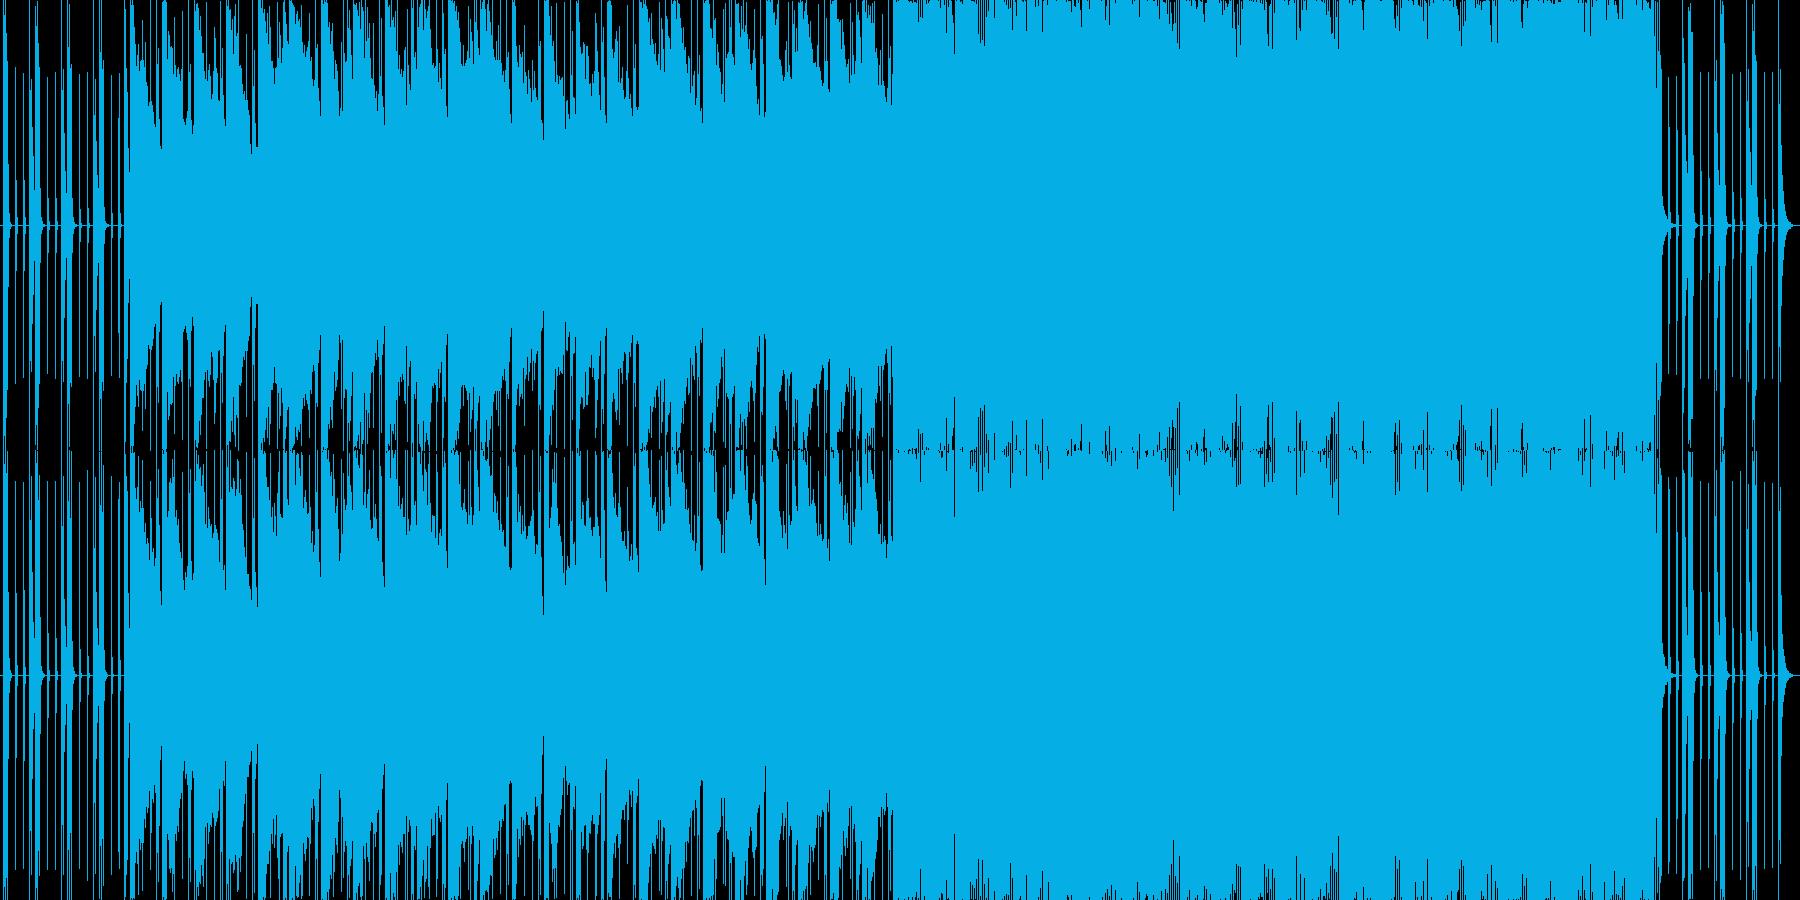 ダイナミックで破壊力あるメロディーの再生済みの波形